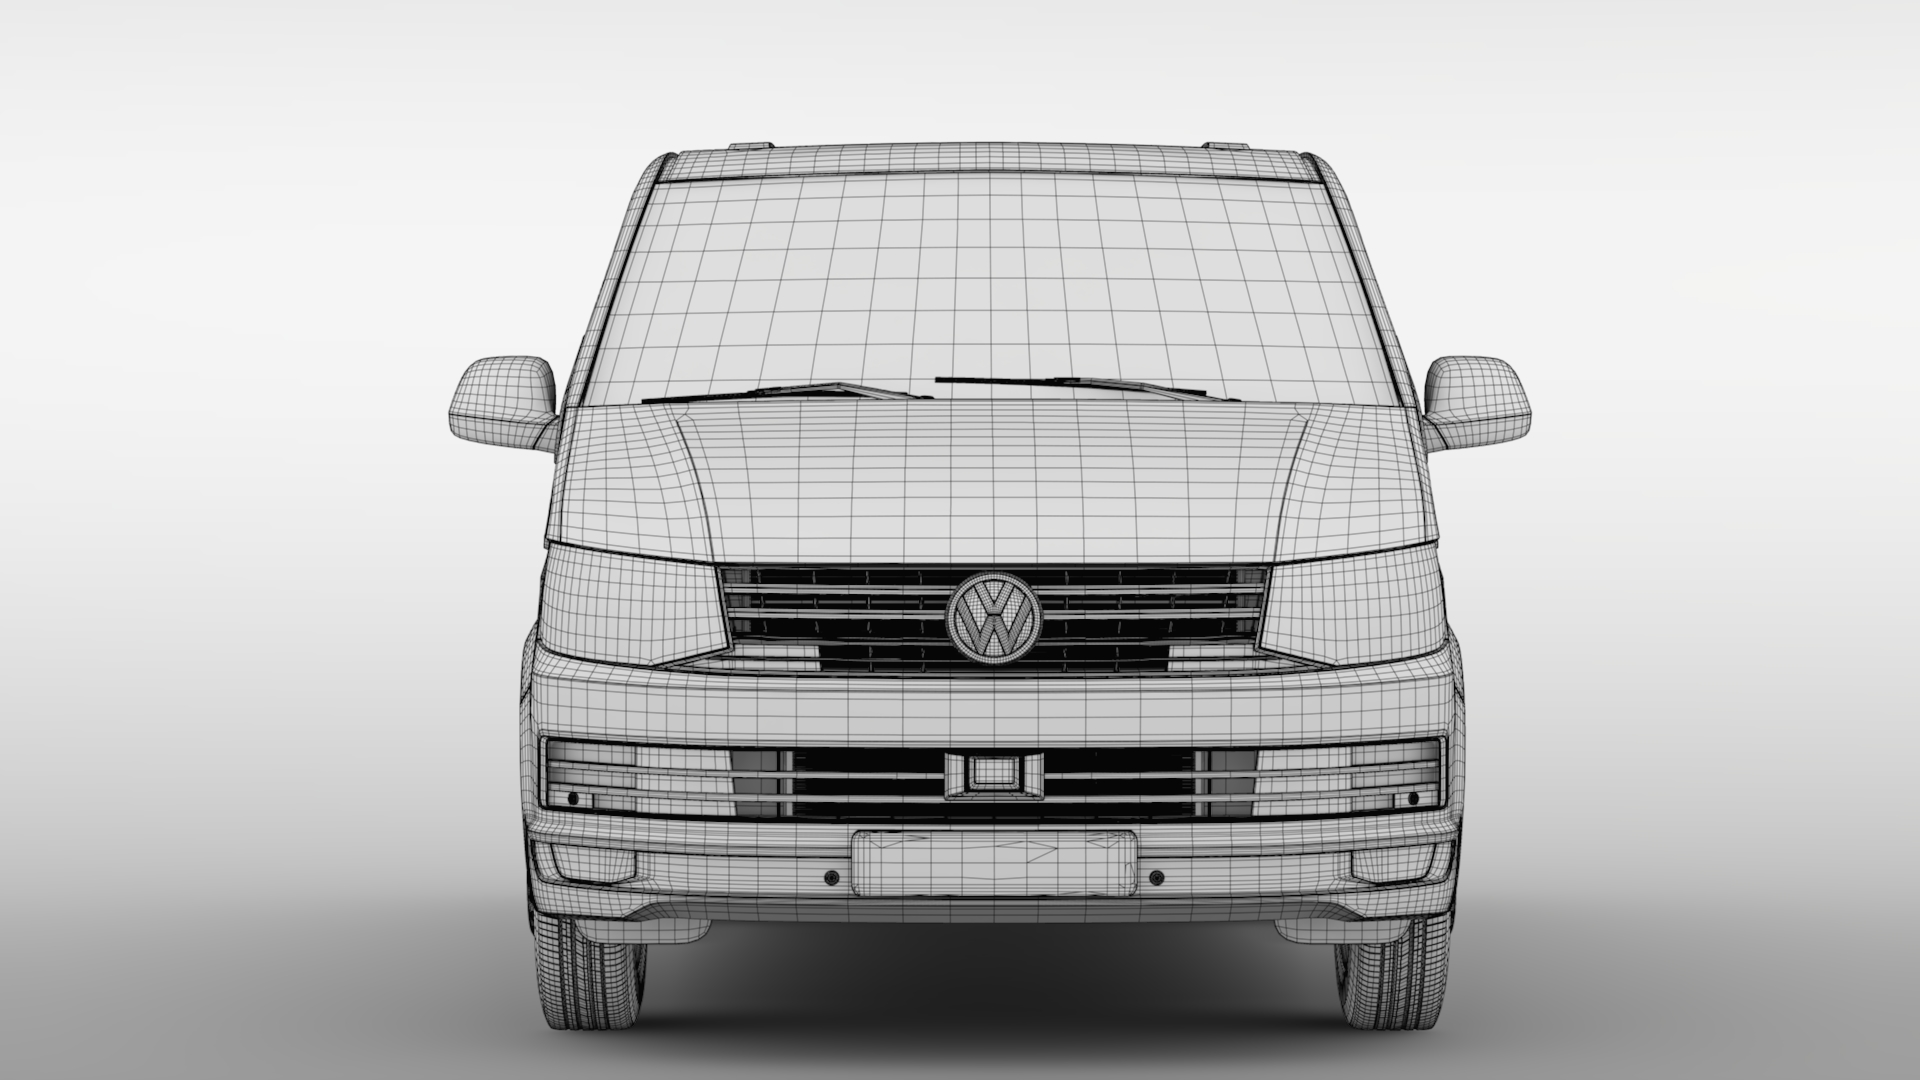 volkswagen transporter van l1h1 t6 2017 3d model fbx c4d lwo ma mb hrc xsi obj 275134